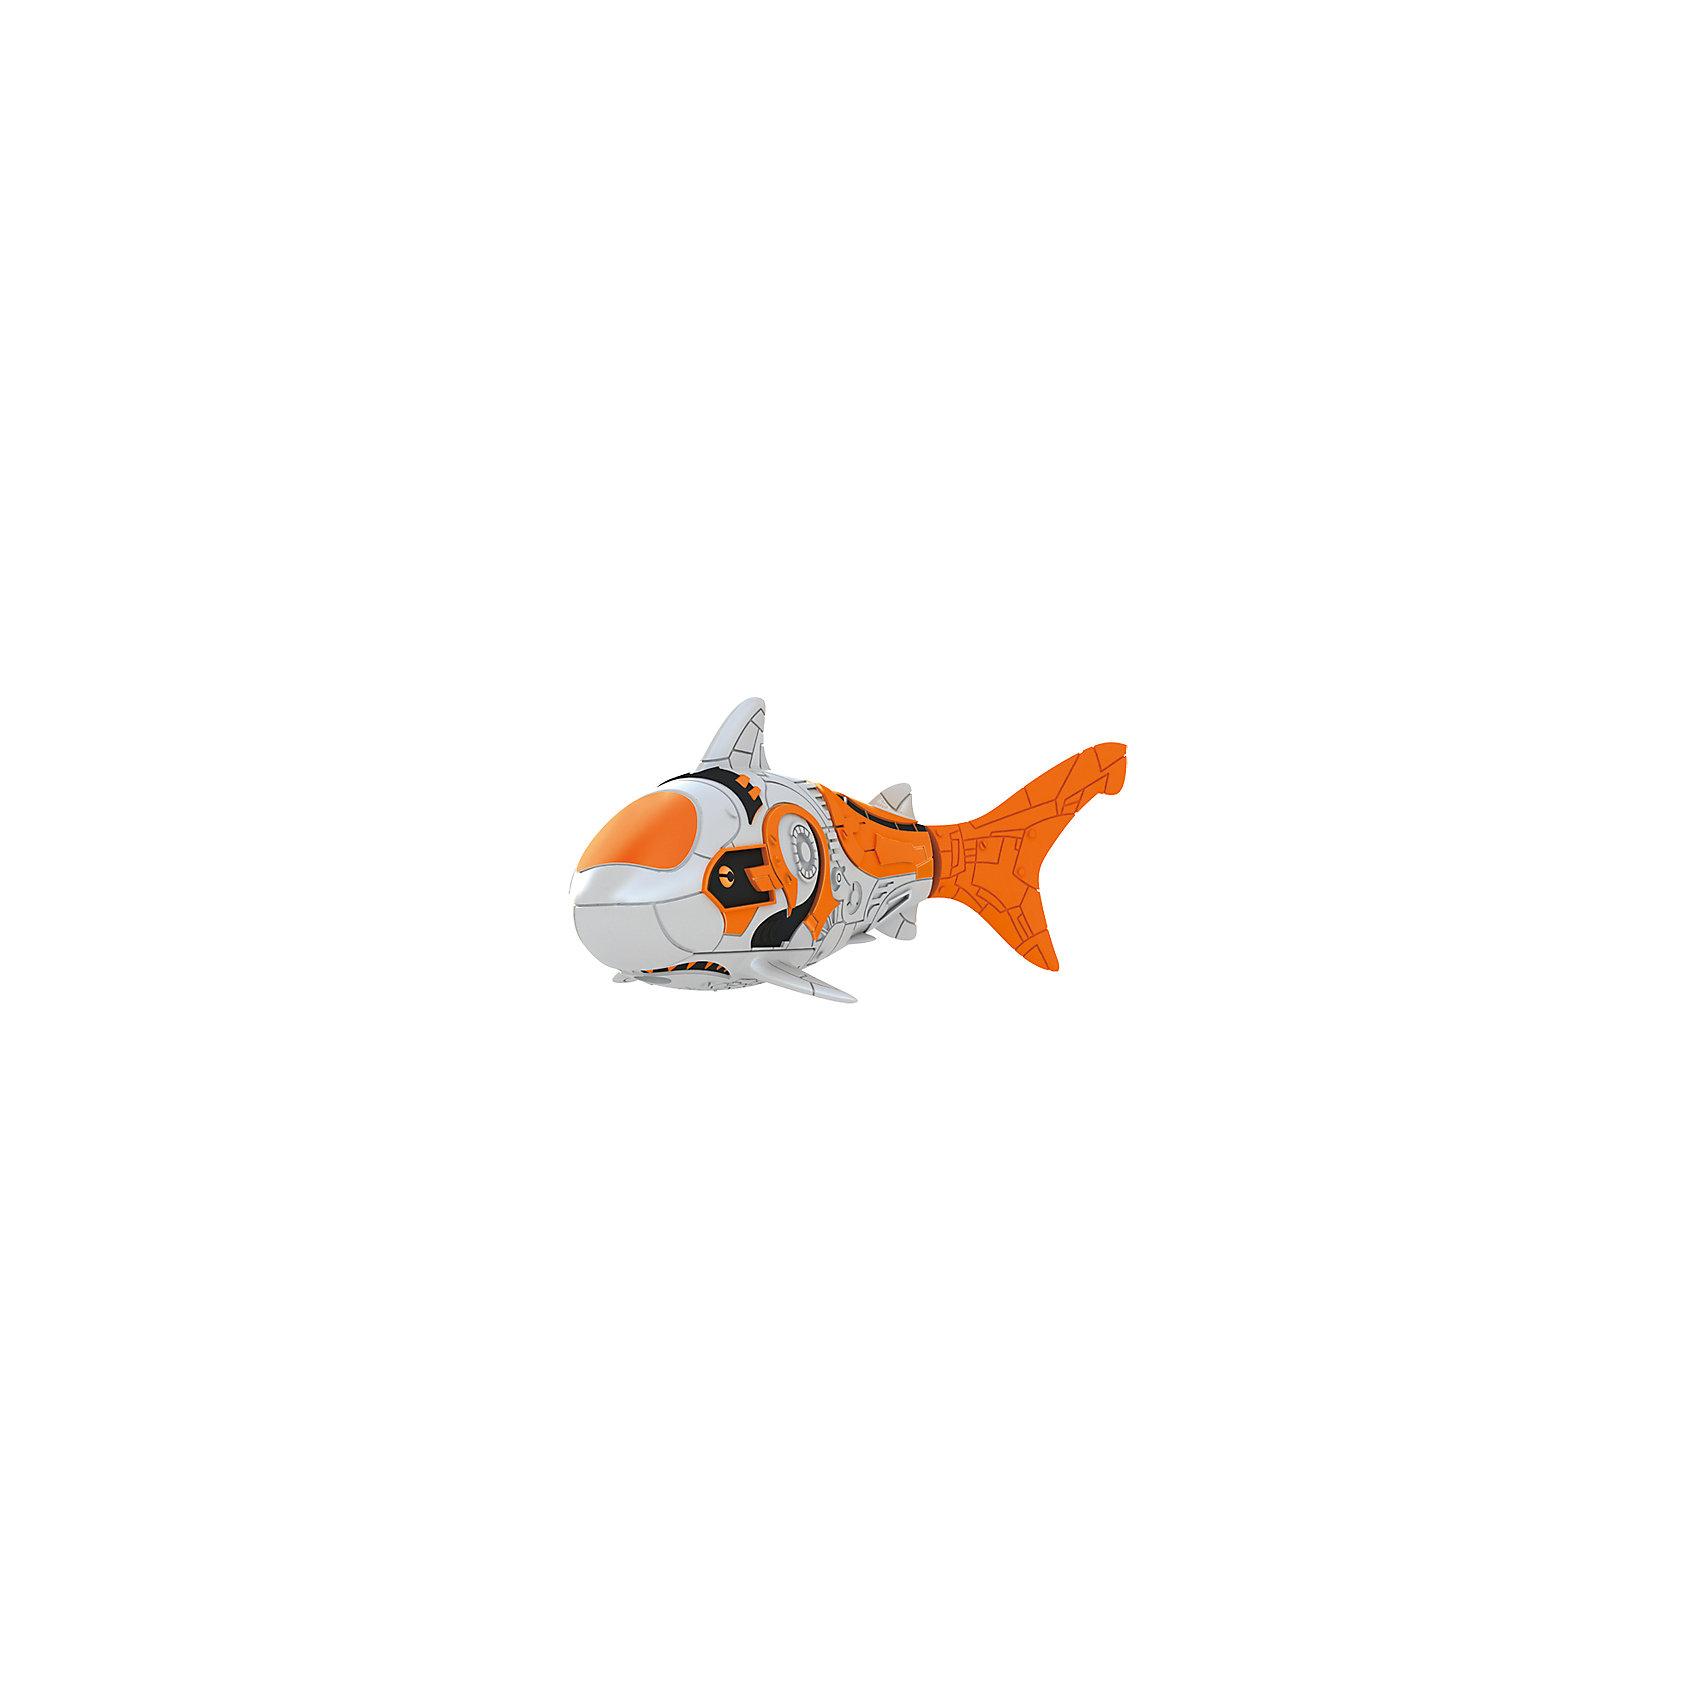 РобоРыбка Акула, RoboFishРоборыбки и русалки<br>Тропическая РобоРыбка Акула, ZURU (Зуру) – это высокотехнологичная инновационная игрушка, имитирующая движения и повадки рыбы в воде.<br>Тропическая РобоРыбка Акула выглядит как настоящая и двигается словно живая! Для РобоРыбки нужна только ёмкость с водой, и никакого ухода! Автоматический датчик, активирует рыбку в воде. Мягкий силиконовый хвост и электромагнитный мотор позволит ей двигаться в 5 различных направлениях: влево, вправо, вперед, вверх или вниз. Ультразвуковая герметизация на 100% защитит внутренности от проникновения воды. РобоРыбка повторяет повадки настоящих рыб: опускается на дно и всплывает на поверхность, сбивается в стаи с другими роборыбками, трется о стенки аквариума, меняет скорость движения, оплывает преграды. Внутри рыбки в крышке под батарейками находится специальный грузик, регулирующий глубину ее погружения. Для того, чтобы рыбка перестала двигаться нужно достать её из воды и насухо вытереть. Хранить РобоРыбку можно на специальной подставке, которая есть в комплекте. Игрушка выполнена из материалов абсолютно безопасных для здоровья.<br><br>Дополнительная информация:<br><br>- Возраст: для детей от 3 лет<br>- В комплекте: 1 рыбка, подставка, 4 батарейки (две установлены в игрушку и 2 запасные)<br>- Батарейки: тип RL44(A76)<br>- Размер рыбки: 7,5 x 2,0 x 3,5 см.<br>- Материал: пластик с элементами металла и резины<br>- Вес в упаковке: 72 г.<br>- Размер упаковки: 20 x 6,5 x 5 см.<br><br>Тропическая РобоРыбка Акула, ZURU (Зуру) - заведите себе аквариум, обитатели которого порадуют и развлекут Вас своими забавными повадками и при этом совсем не потребуют никакого ухода!<br><br>Тропическую РобоРыбку Акула, ZURU (Зуру) можно купить в нашем интернет-магазине.<br><br>Ширина мм: 435<br>Глубина мм: 240<br>Высота мм: 405<br>Вес г: 217<br>Возраст от месяцев: 48<br>Возраст до месяцев: 96<br>Пол: Унисекс<br>Возраст: Детский<br>SKU: 3609993